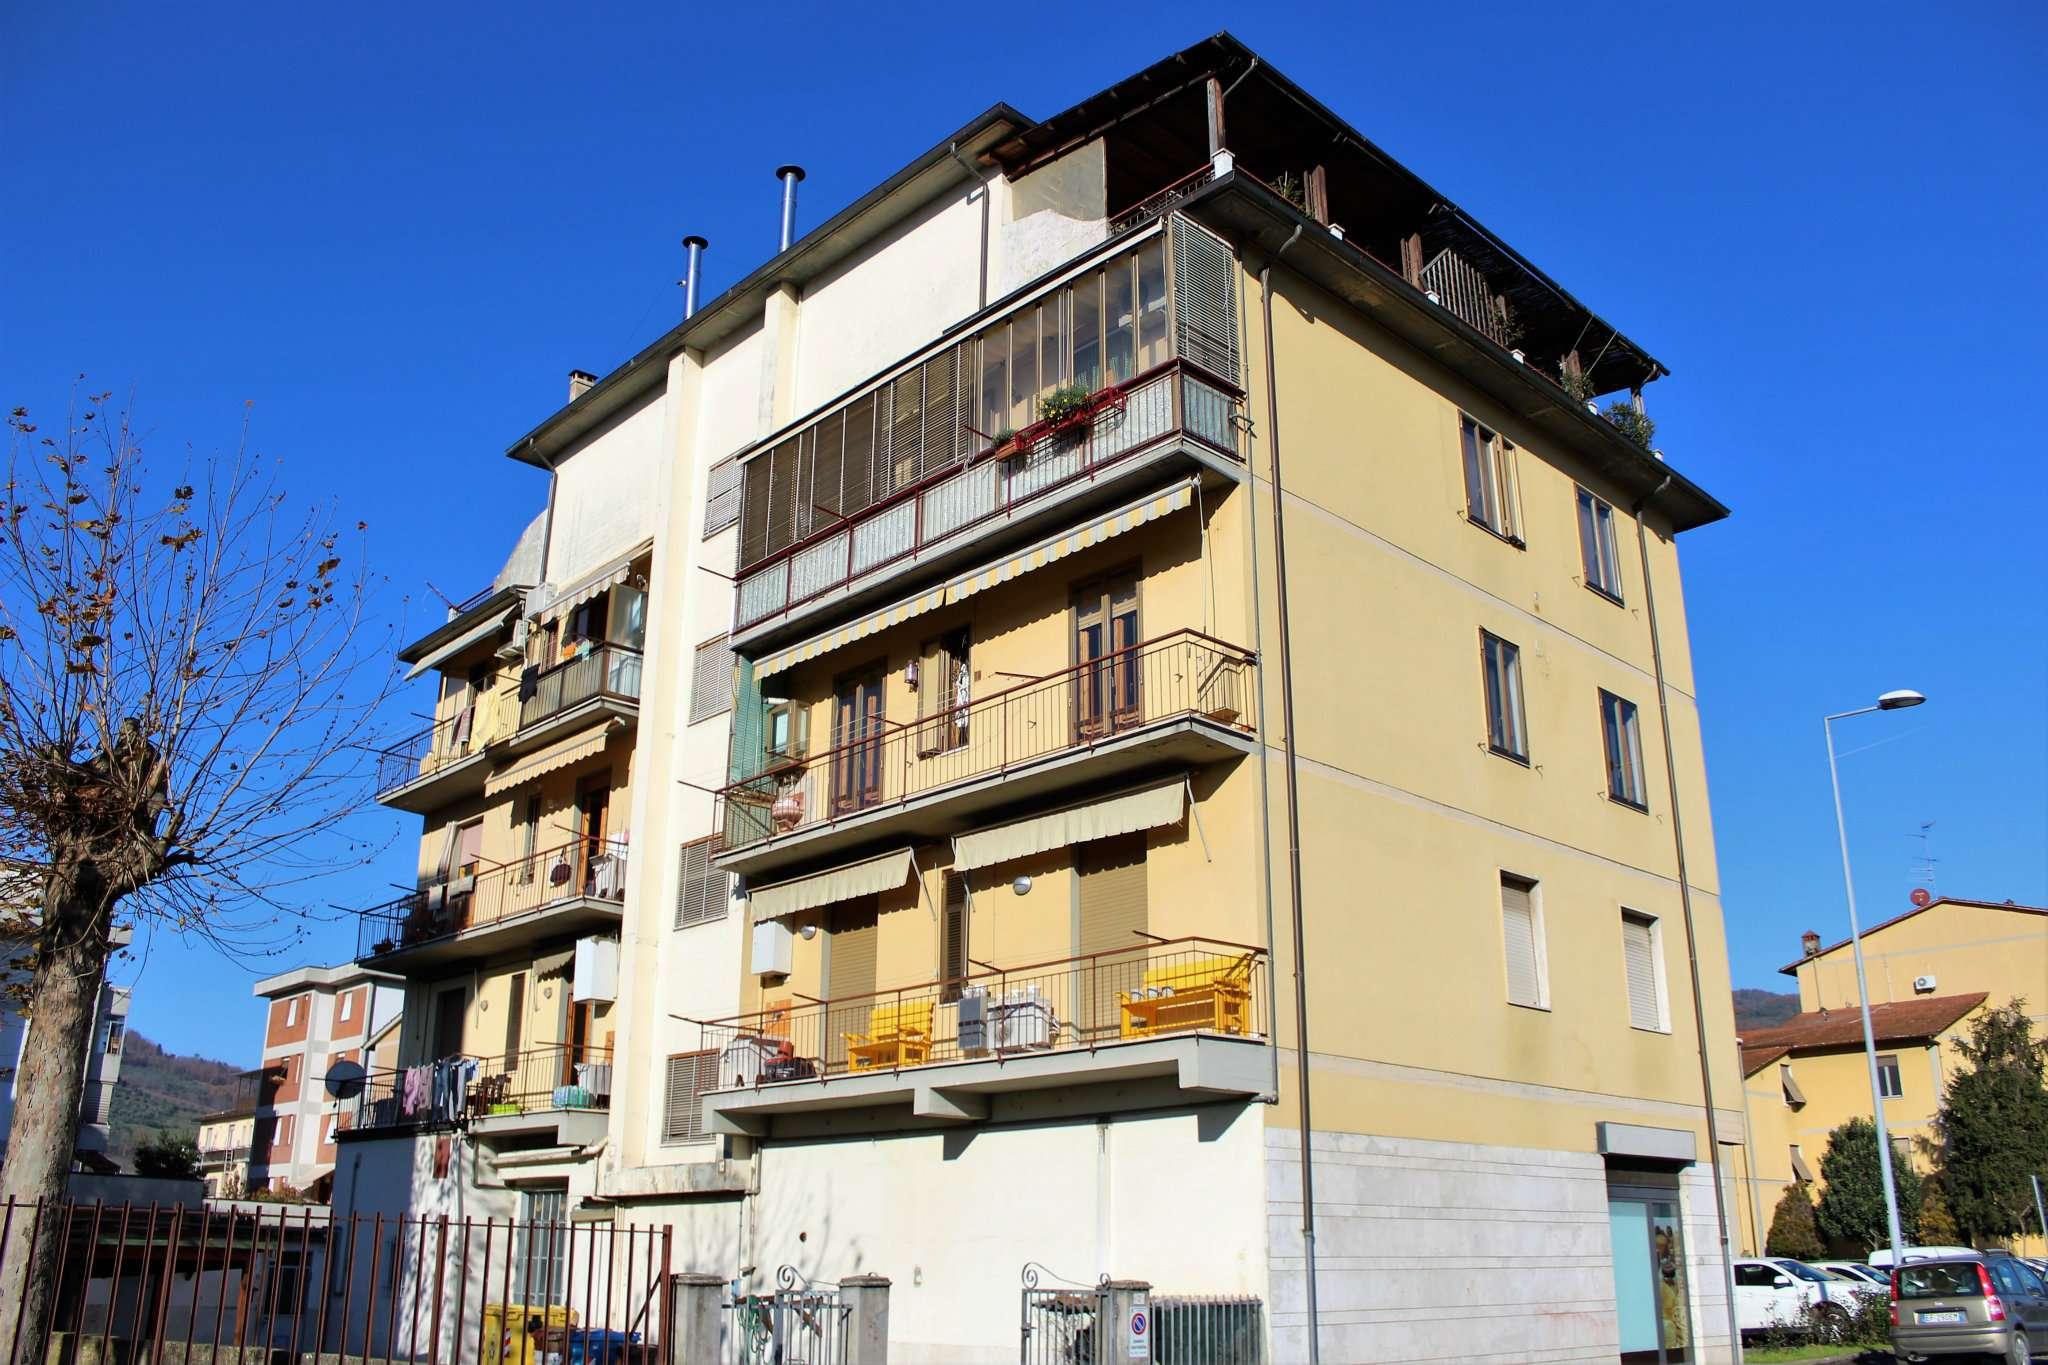 Appartamento in vendita a Rufina, 4 locali, prezzo € 145.000 | Cambio Casa.it